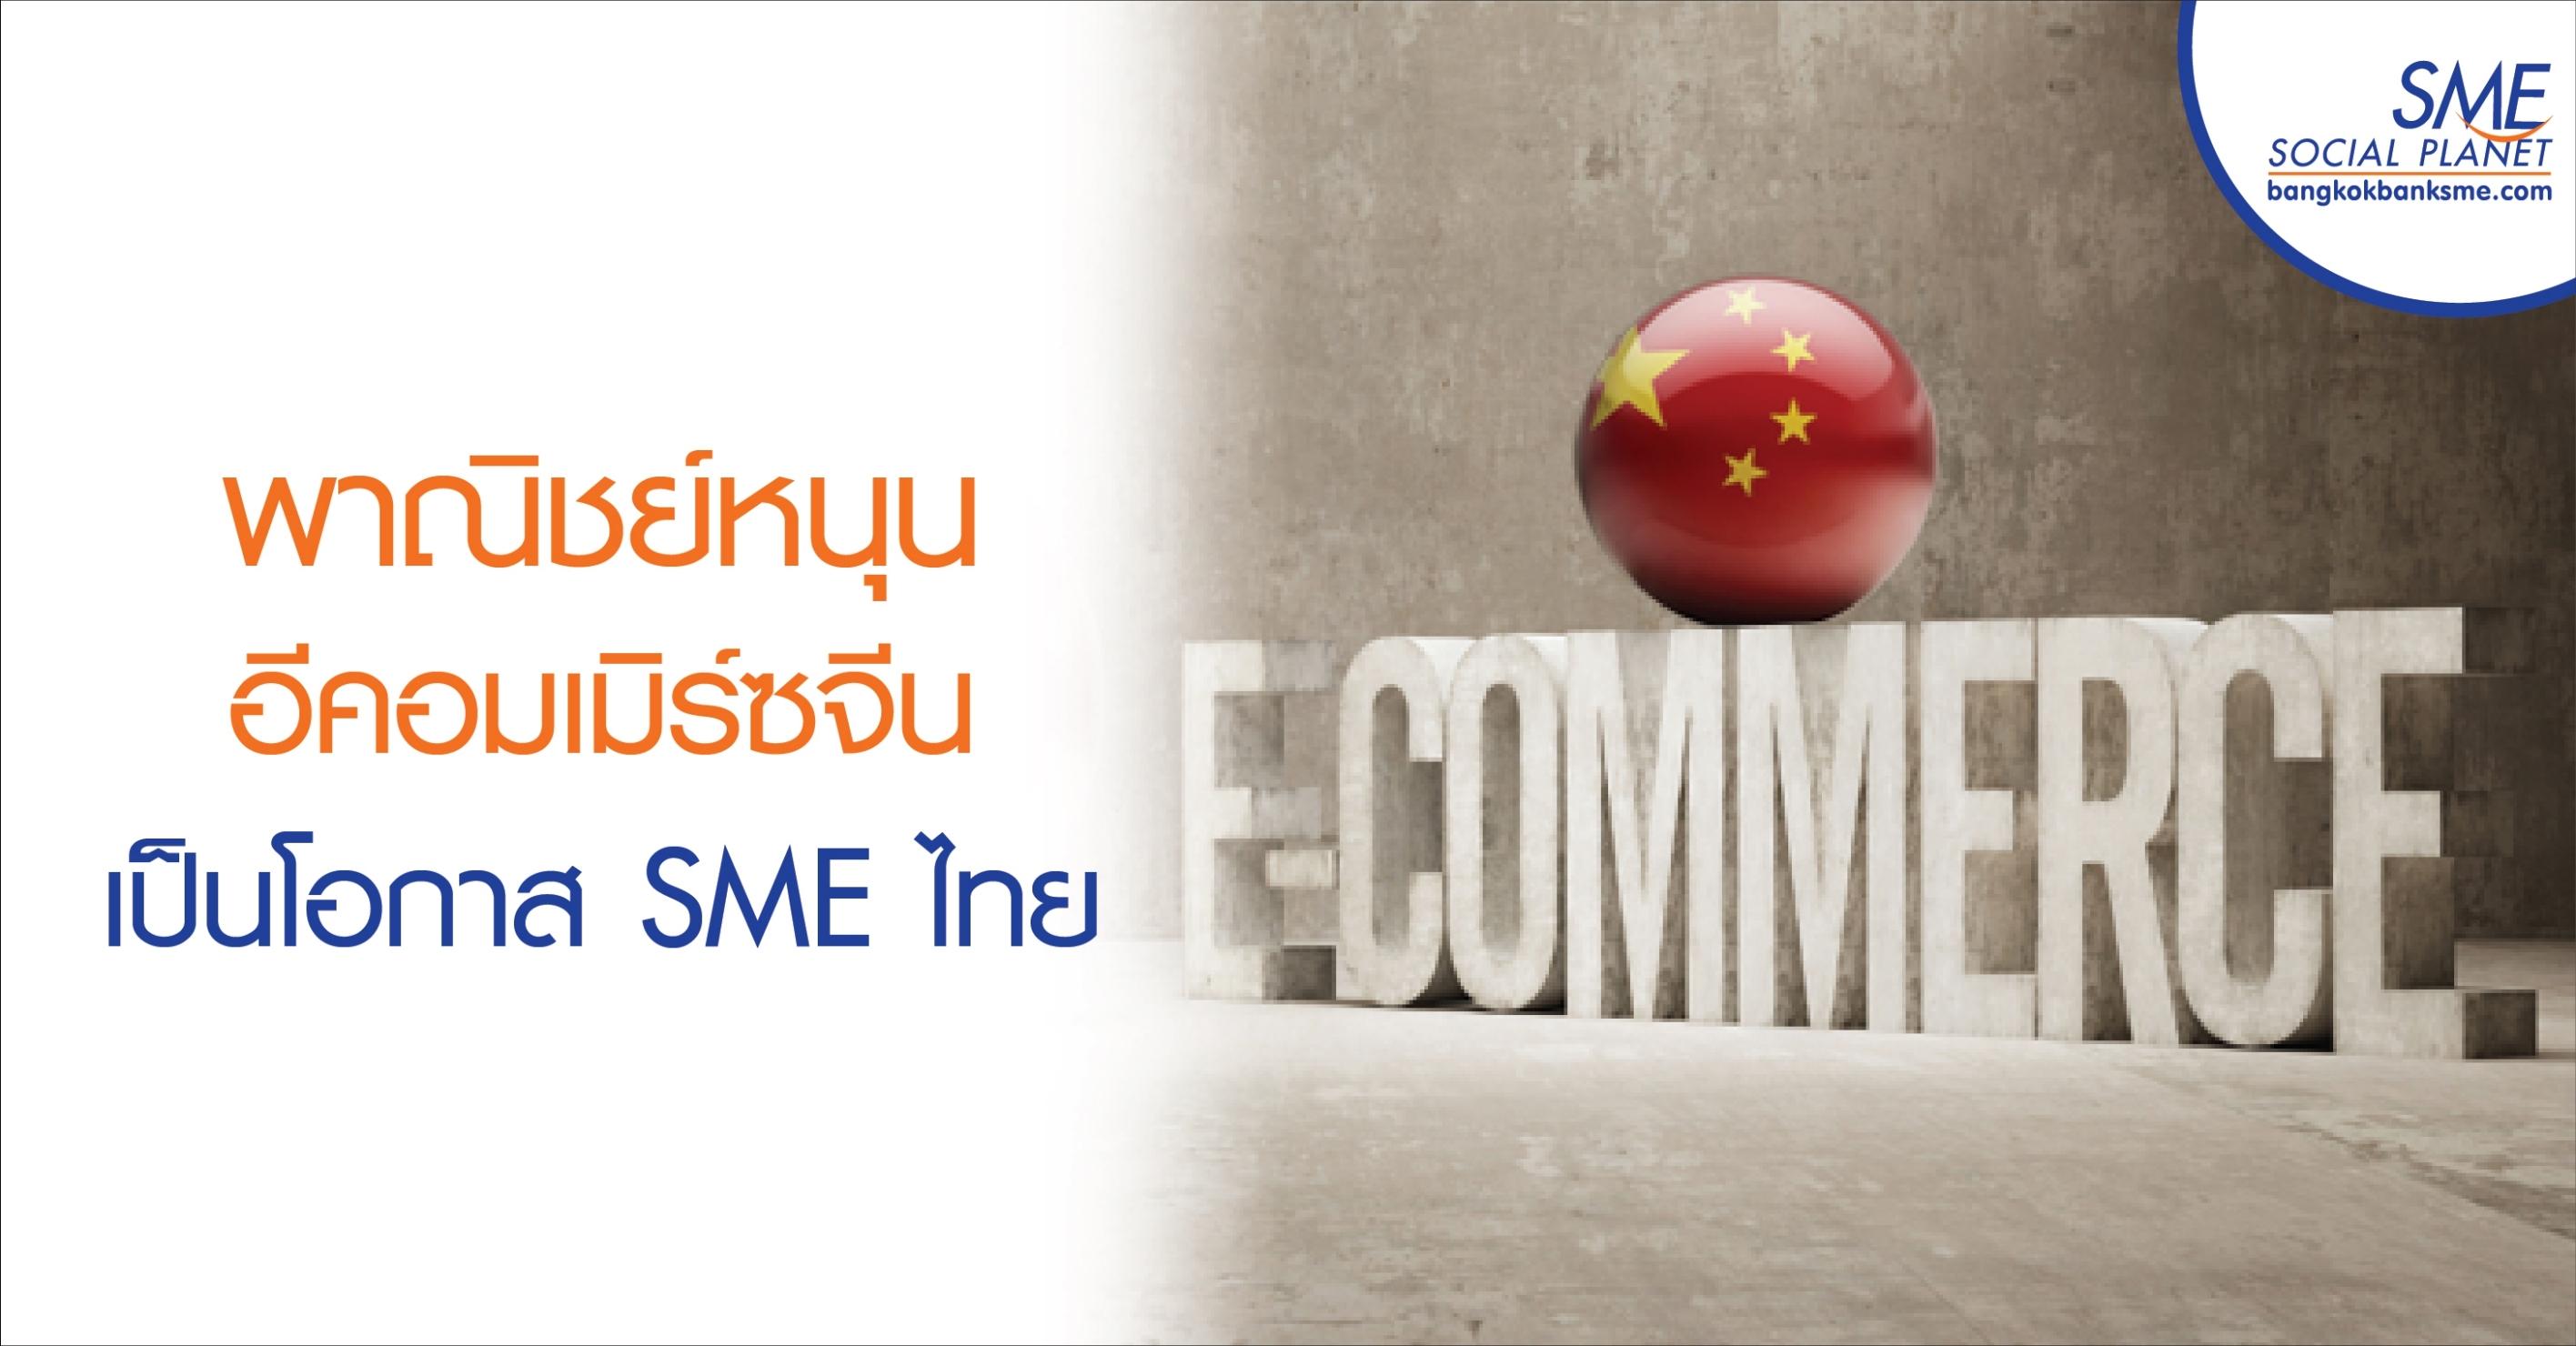 พาณิชย์หนุนอีคอมเมิร์ซจีนเป็นโอกาส SME ไทย